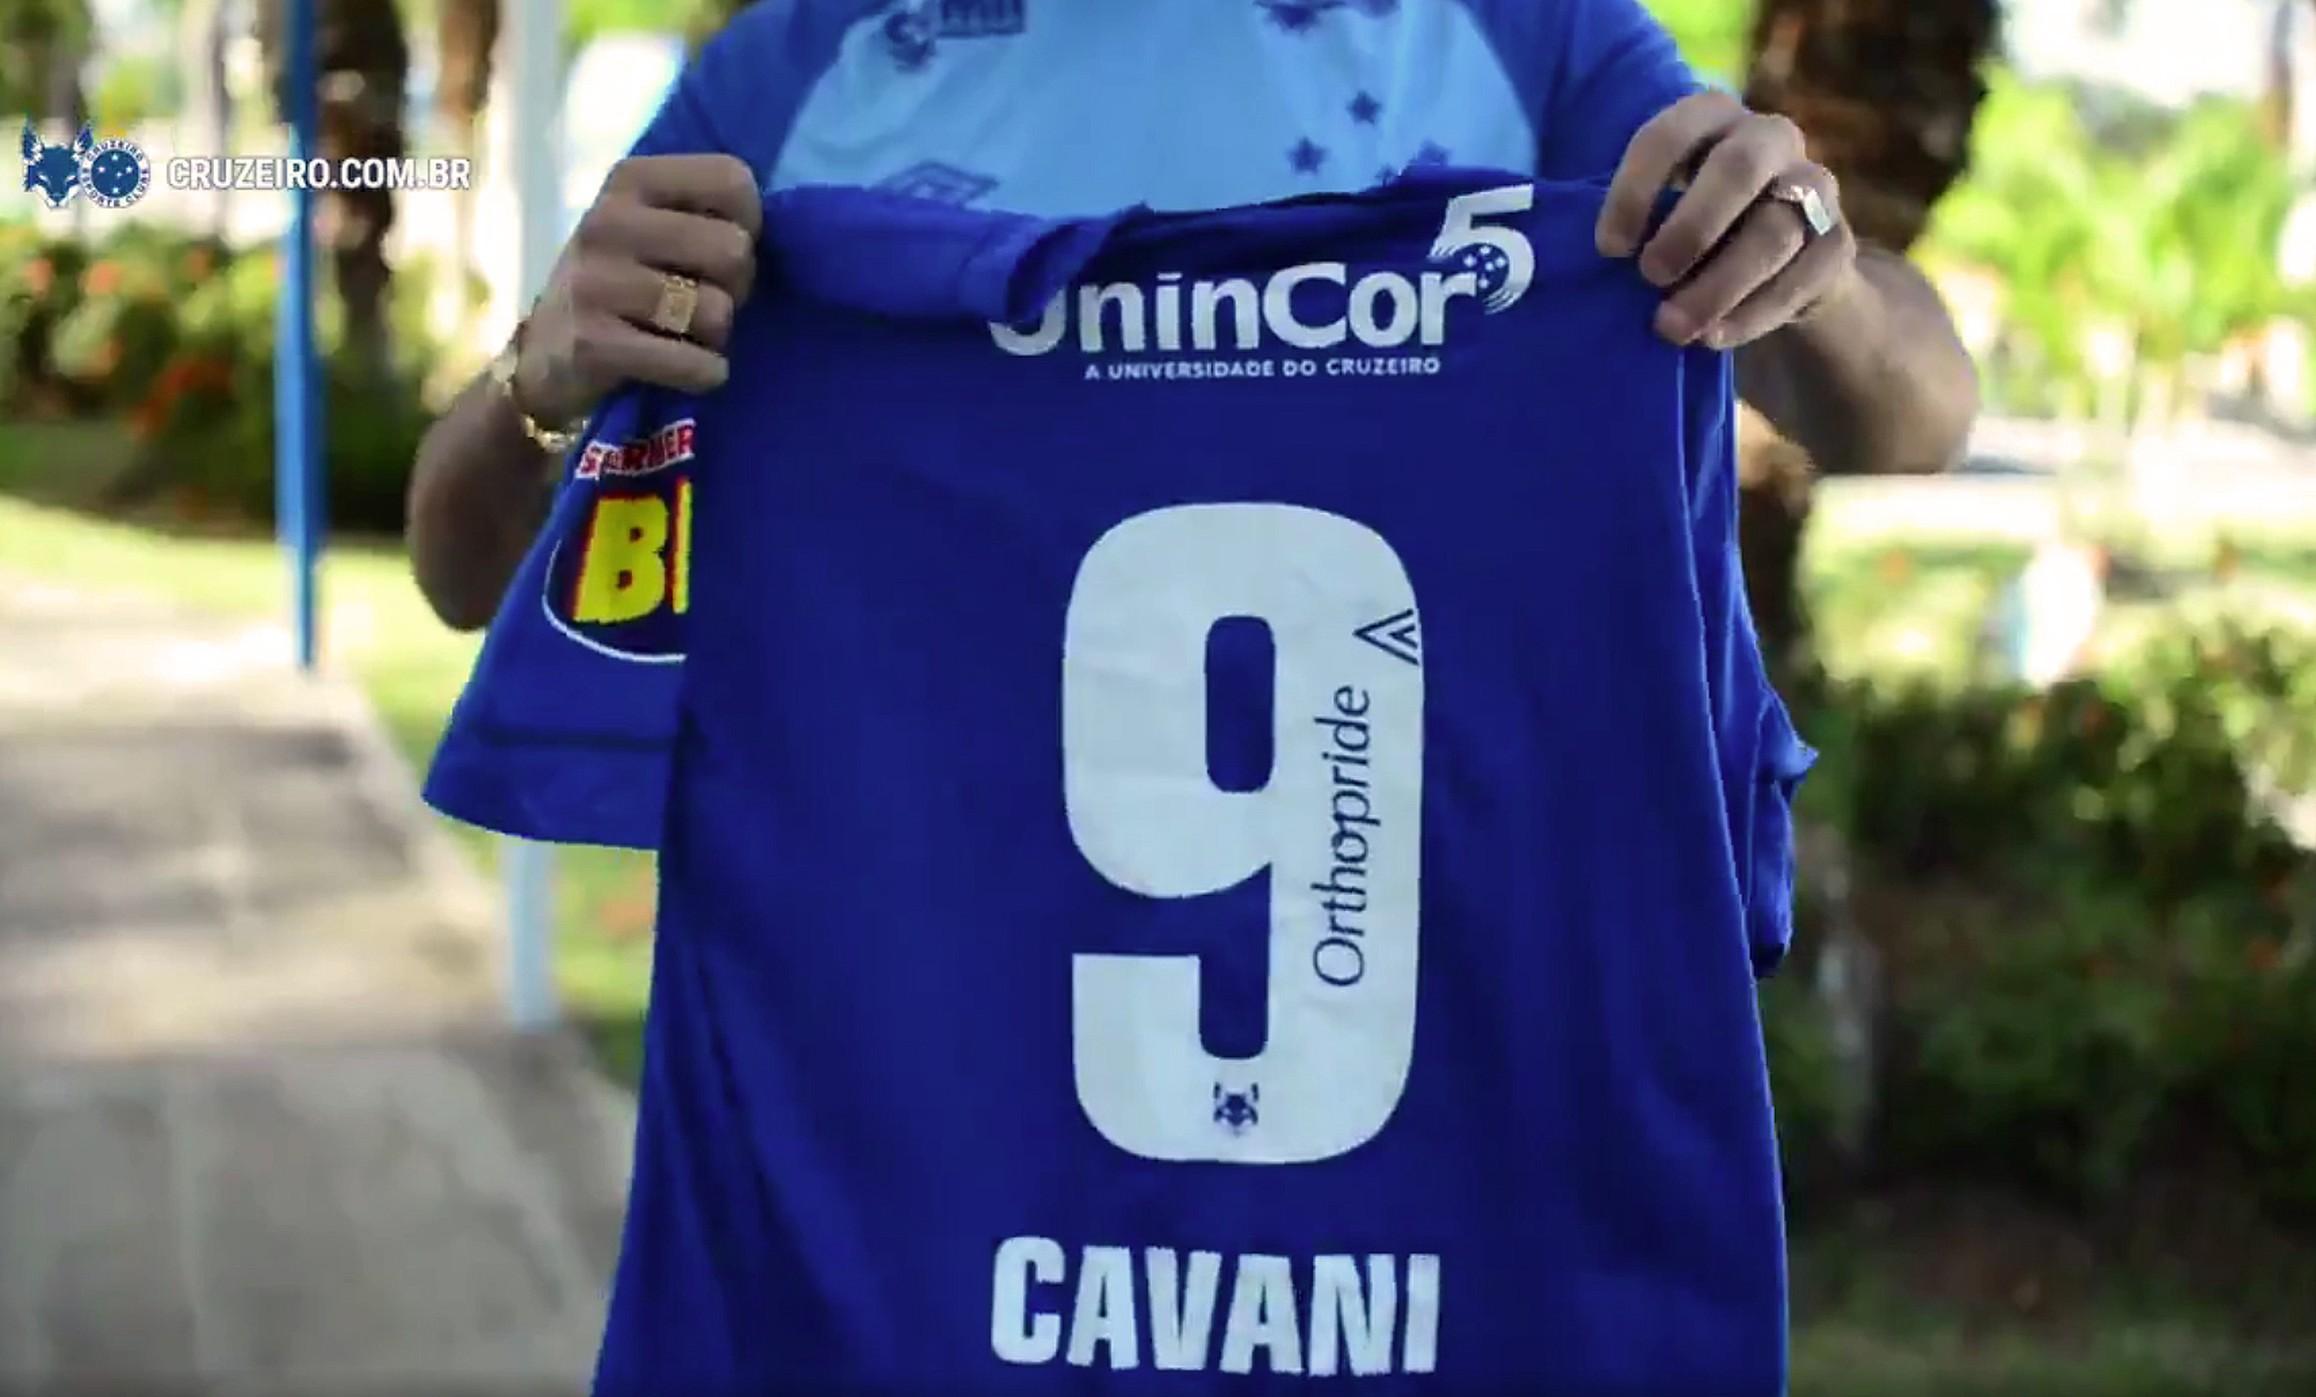 Arrascaeta manda presente a Cavani e faz convite: Quem sabe você pode ser o 9 do Cruzeiro...